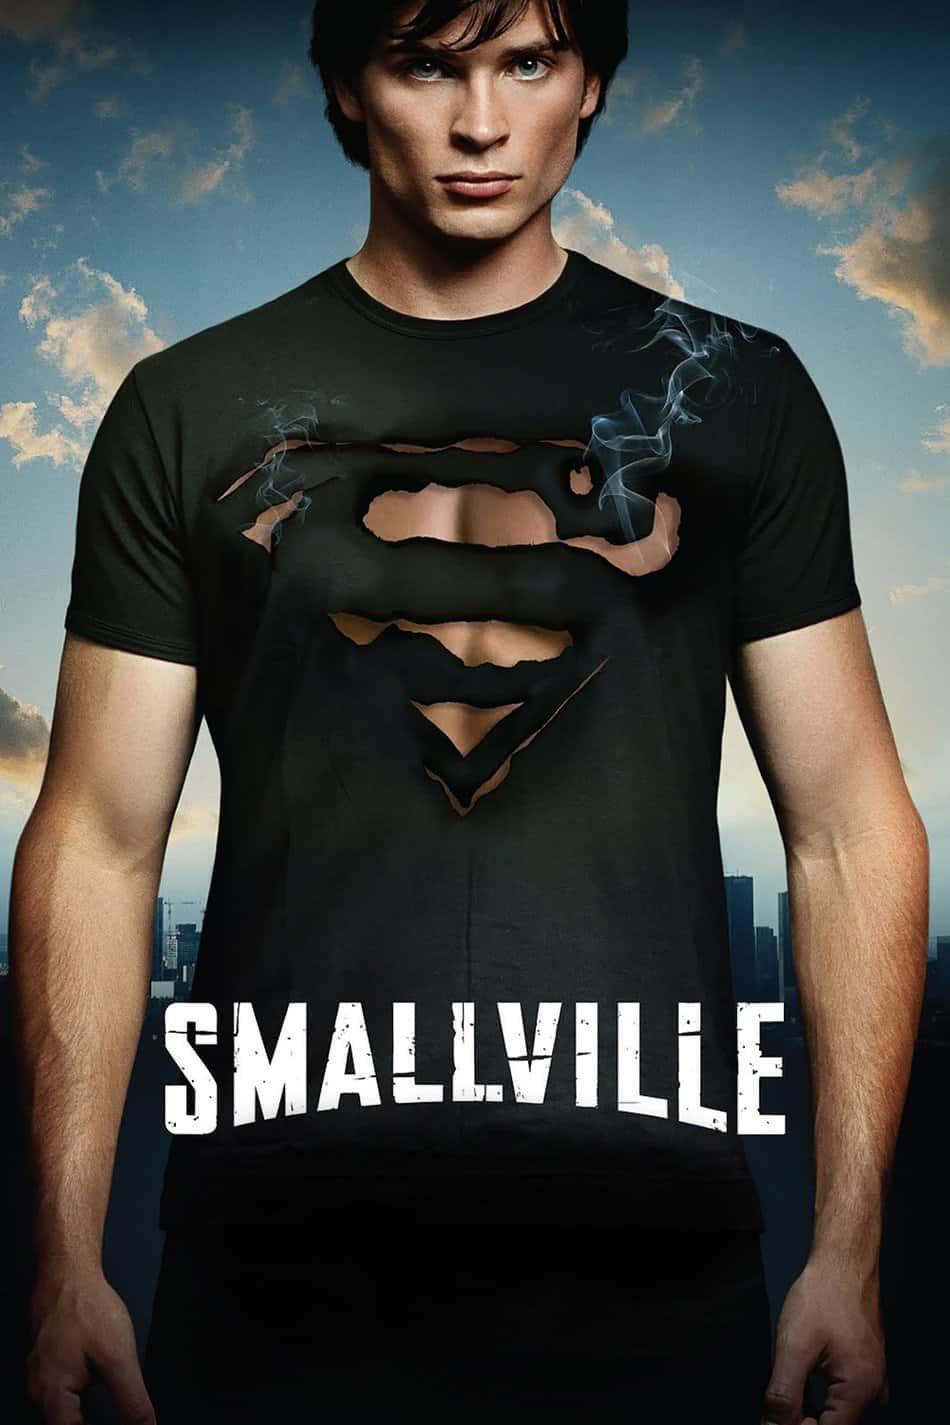 Smallville, 2001